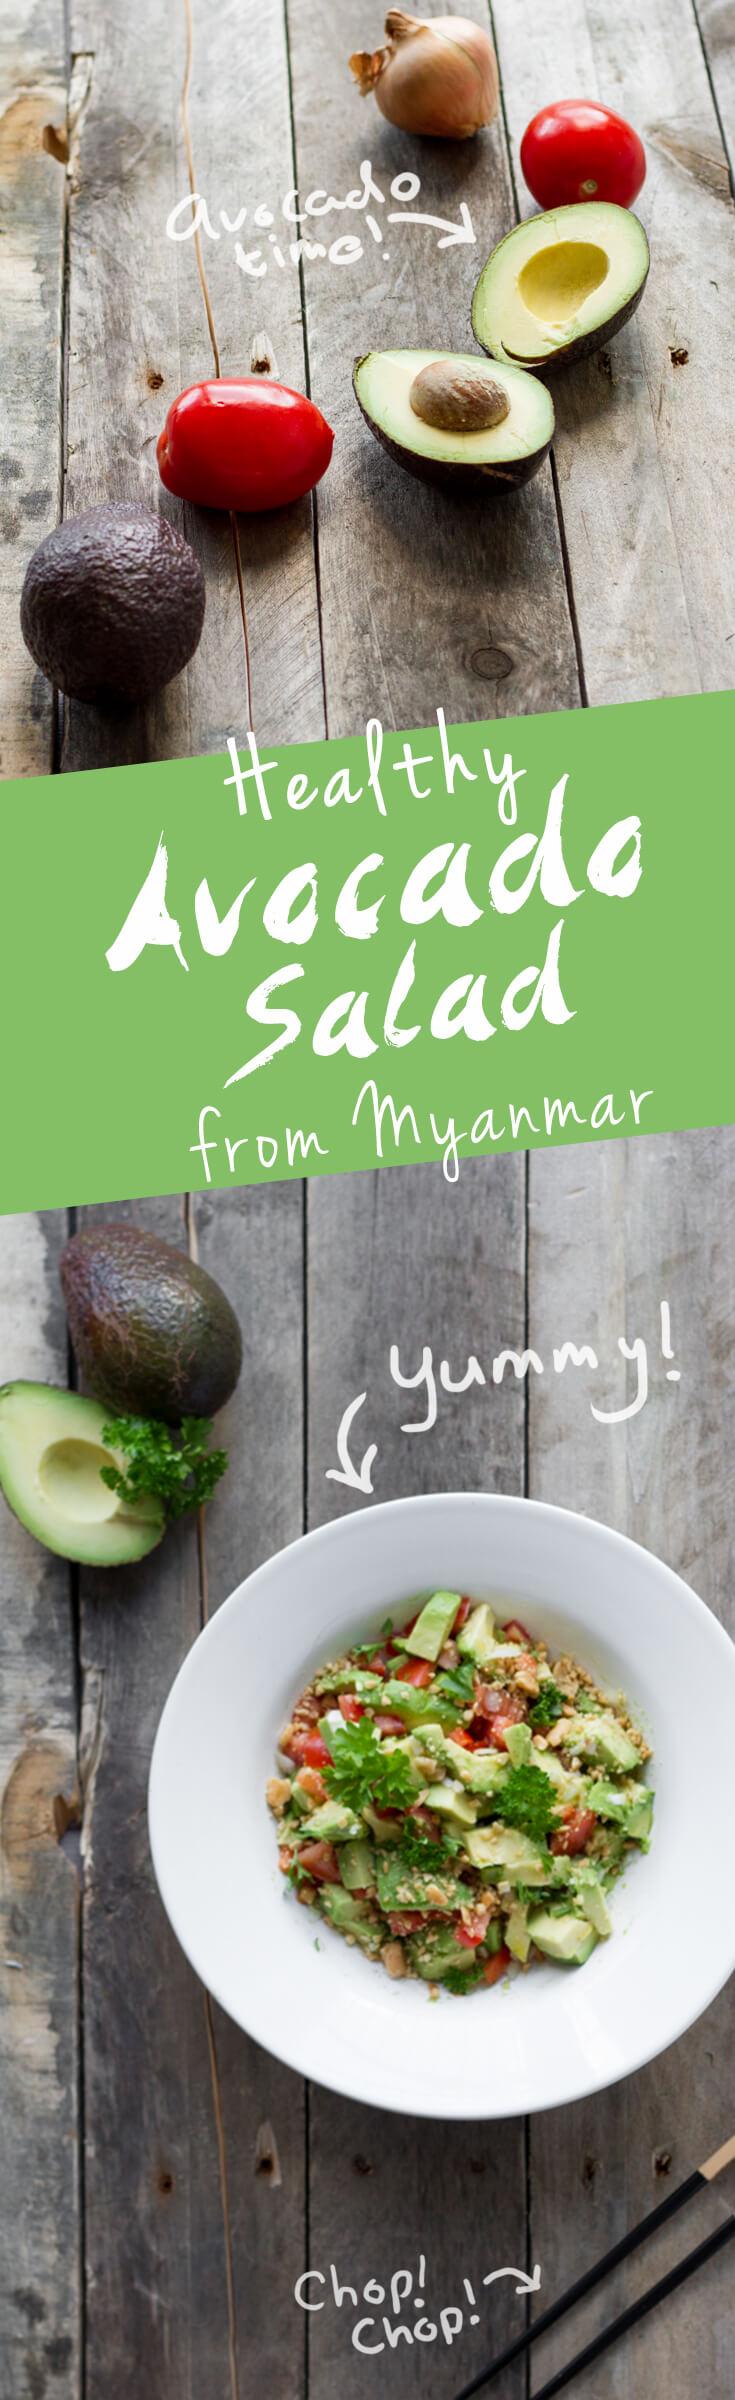 Avocado Salad Myanmar Recipe